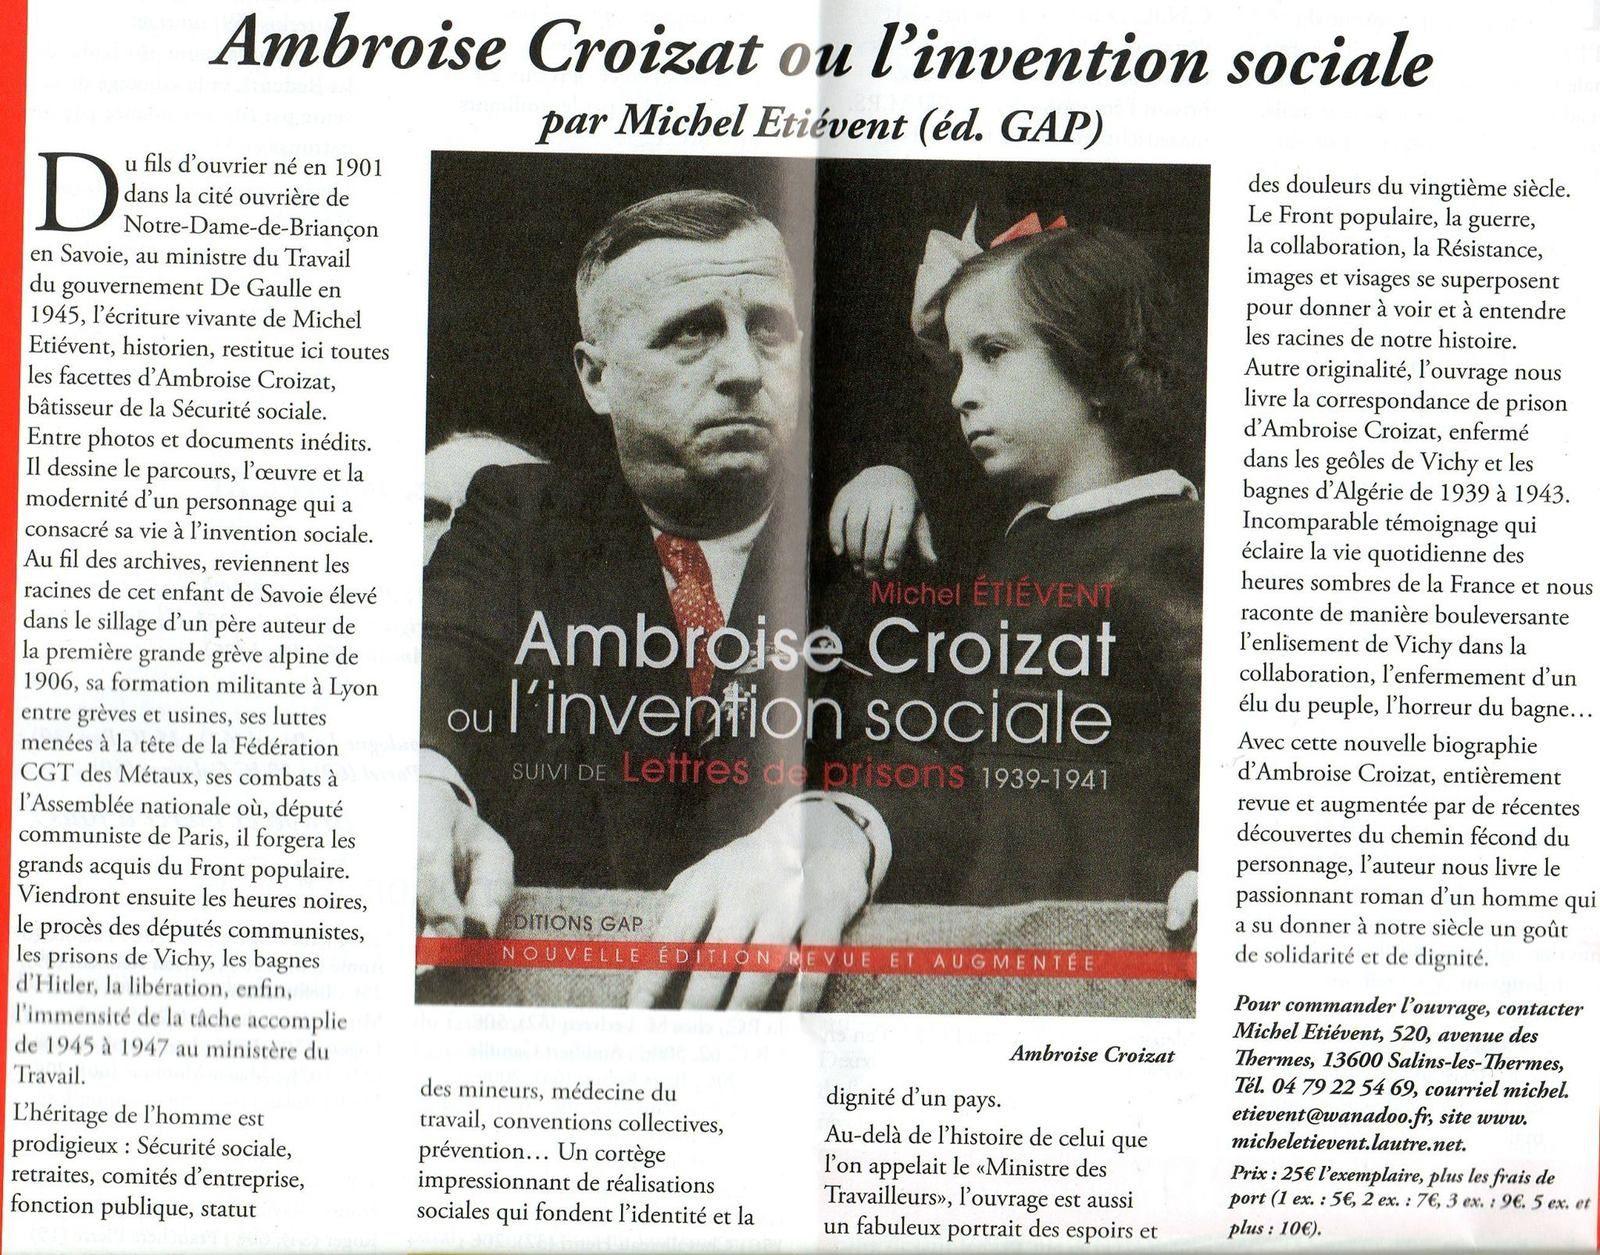 Ambroise Croizat .le créateur de la sécurité sociale